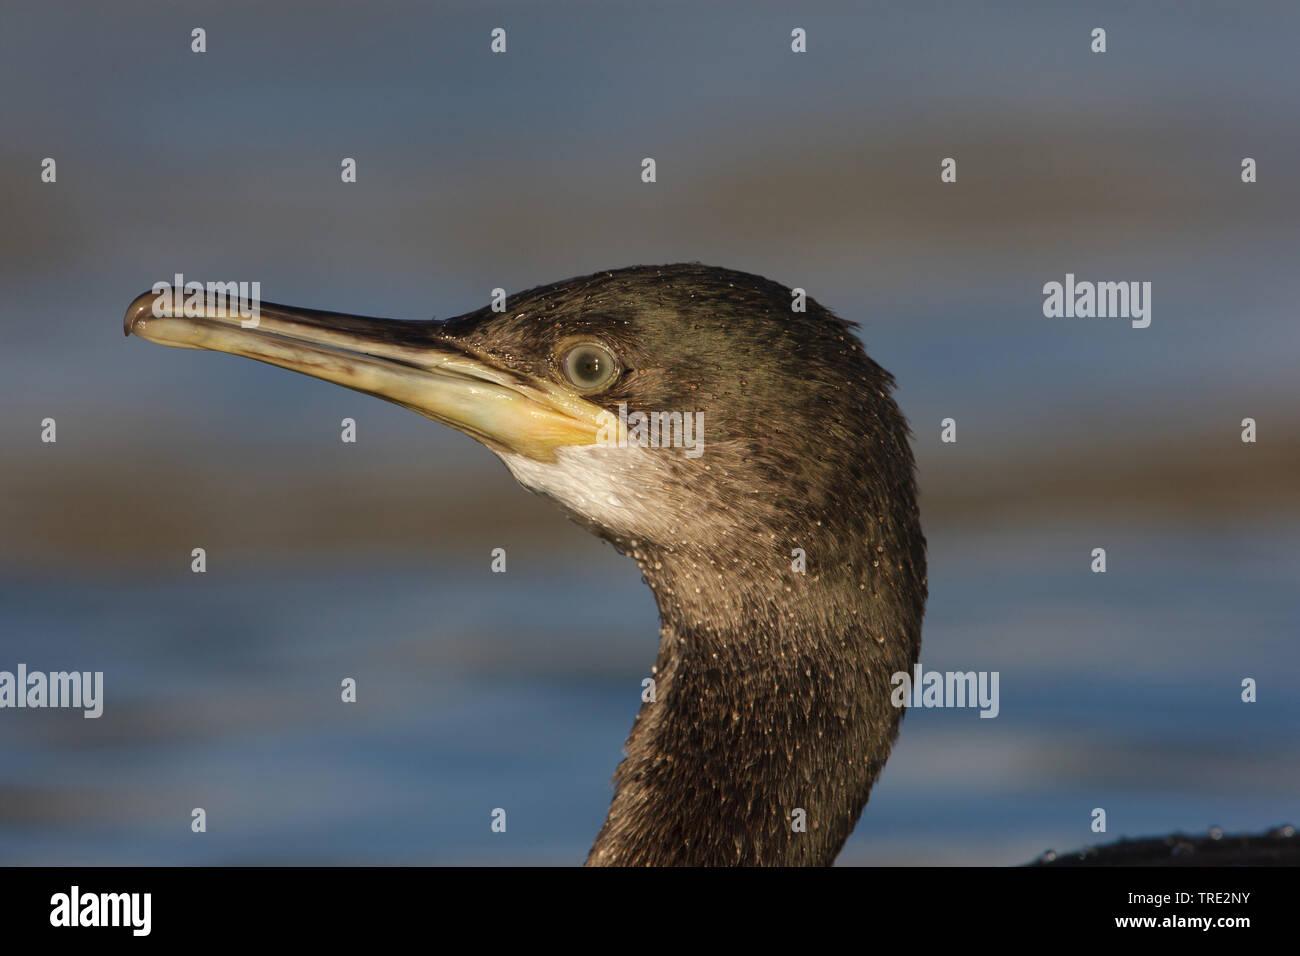 Kraehenscharbe, Kraehen-Scharbe (Phalacrocorax aristotelis), Portraet, Niederlande, Terschelling | shag (Phalacrocorax aristotelis), portrait, Netherl - Stock Image